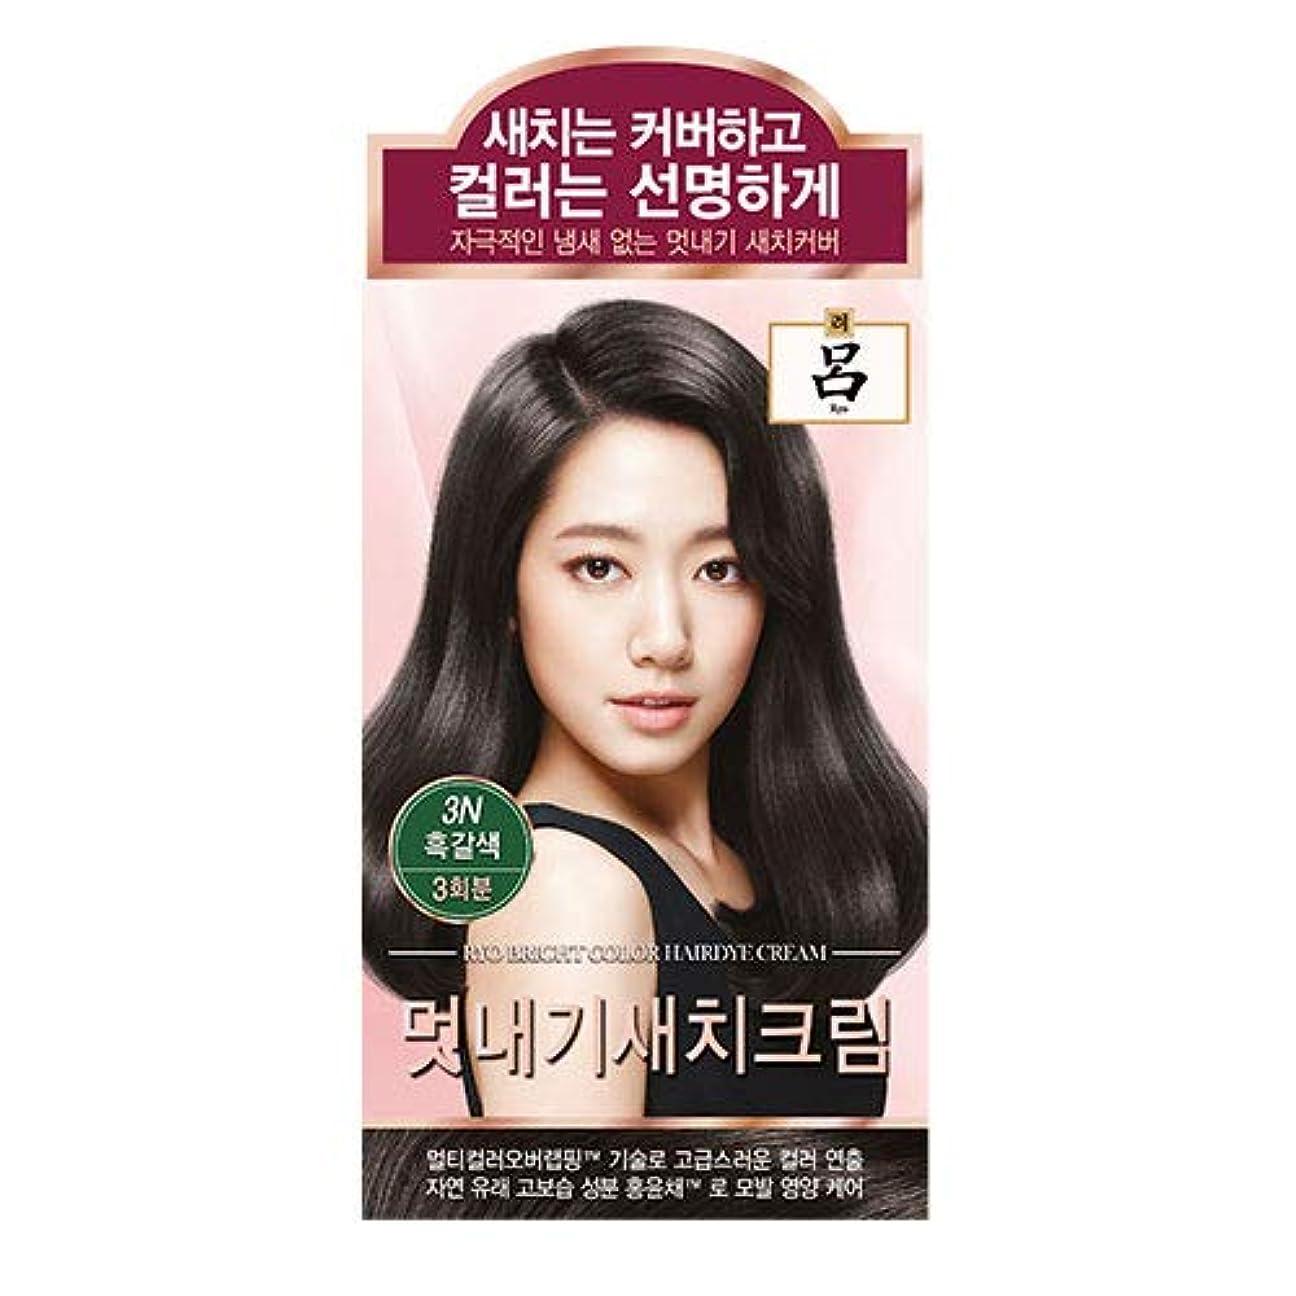 ショルダー感覚スワップアモーレパシフィック呂[AMOREPACIFIC/Ryo] ブライトカラーヘアアイクリーム 3N ダークブラウン/Bright Color Hairdye Cream 3N Dark Brown